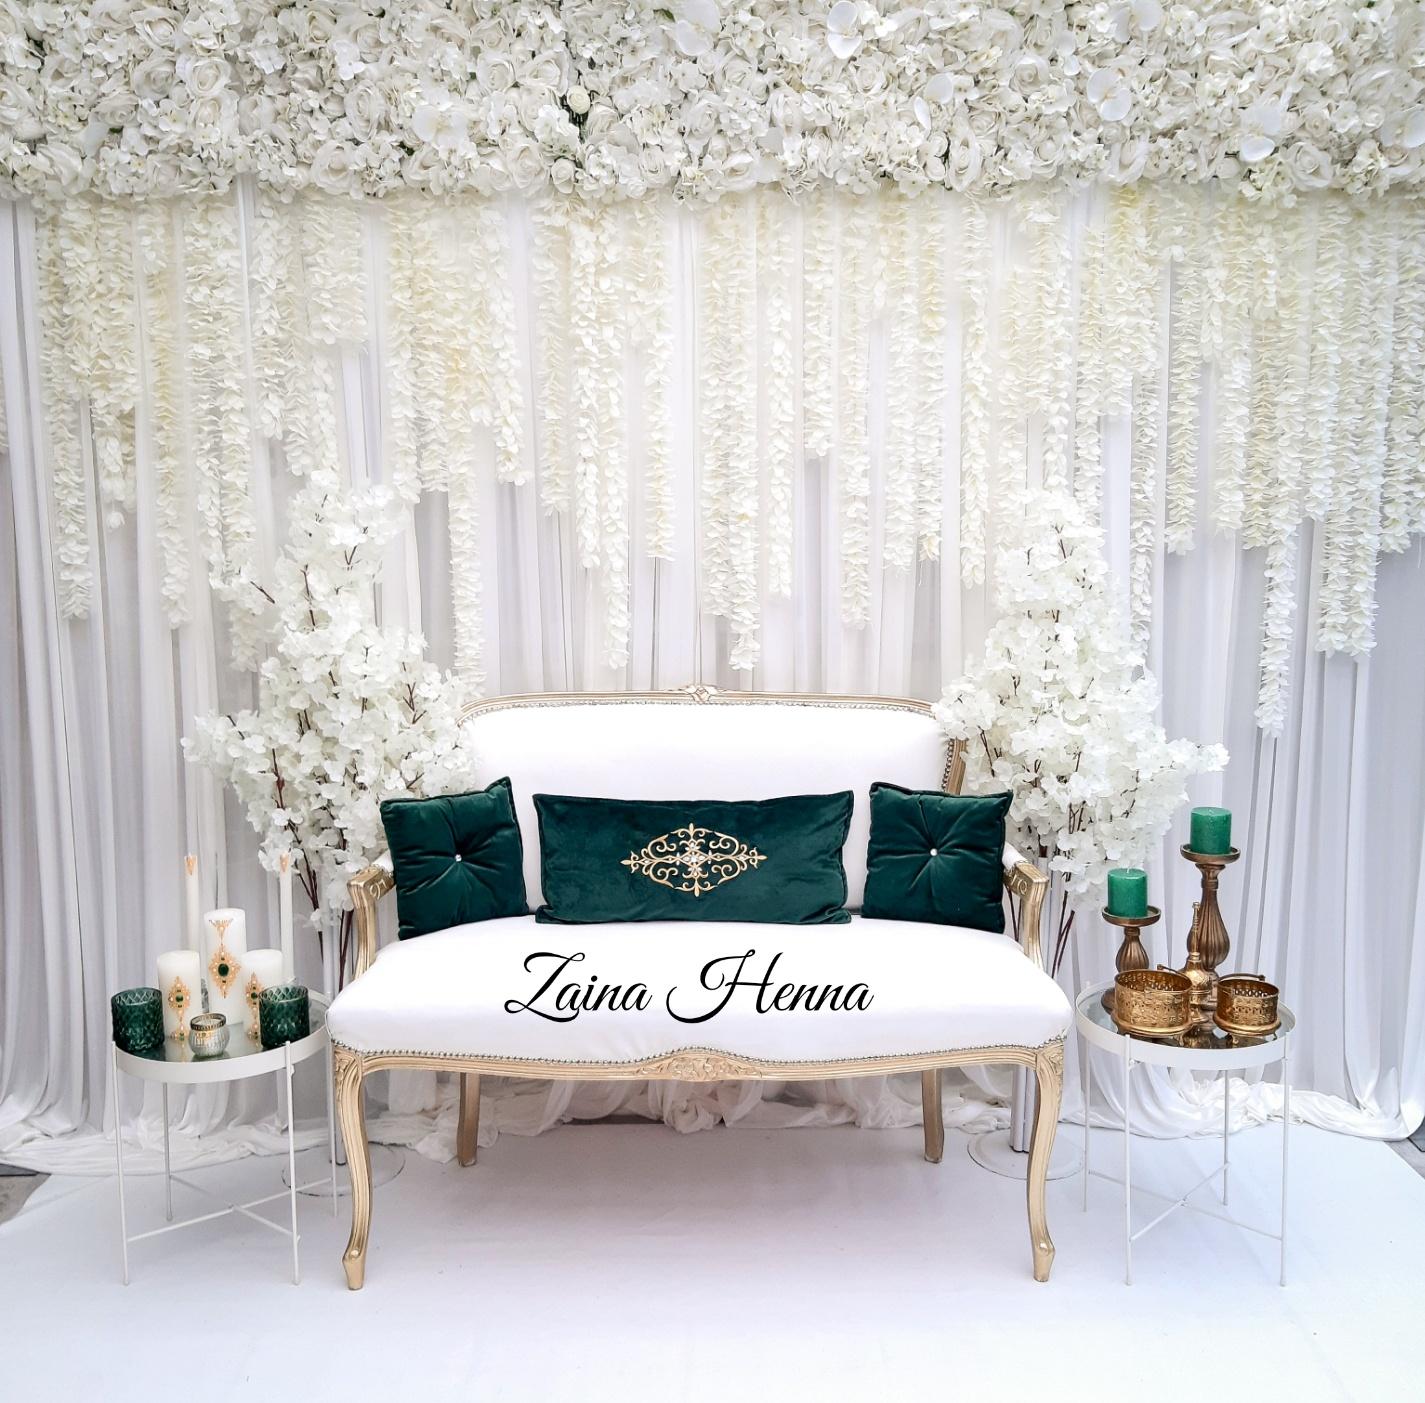 Queen Anne bank met vallende bloemen  (bijzet tafels en henna accessoires groen /goud) €180,-